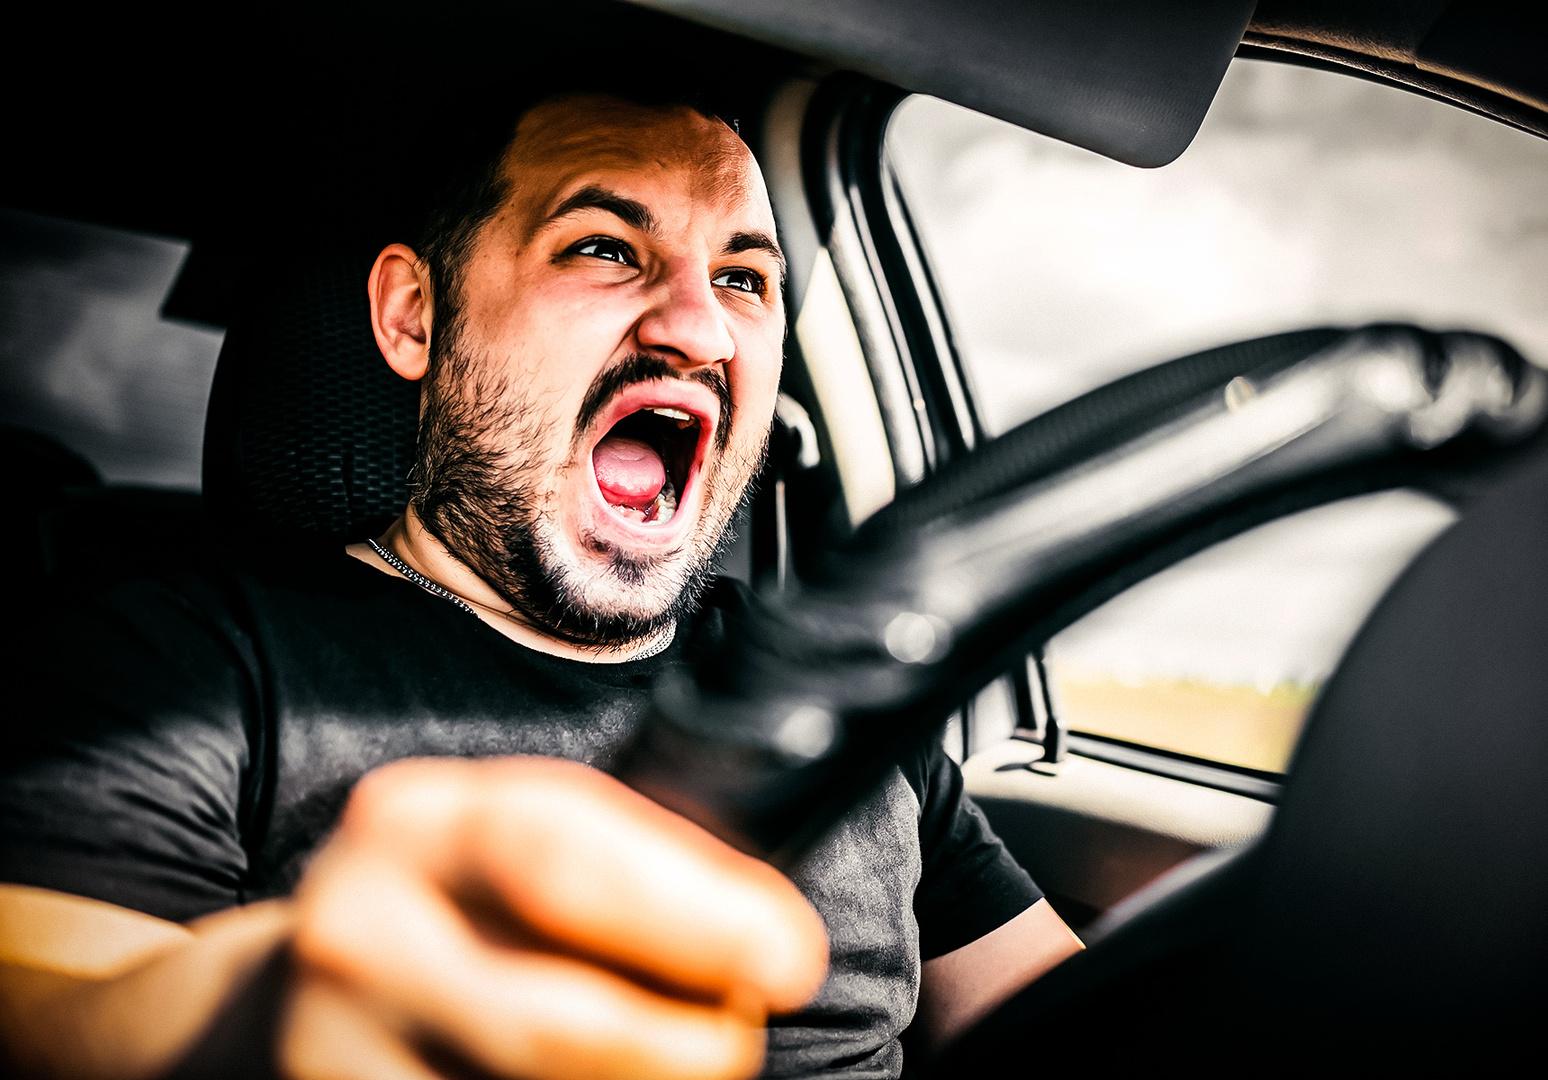 5 нелепых ошибок, которые приведут к аварии